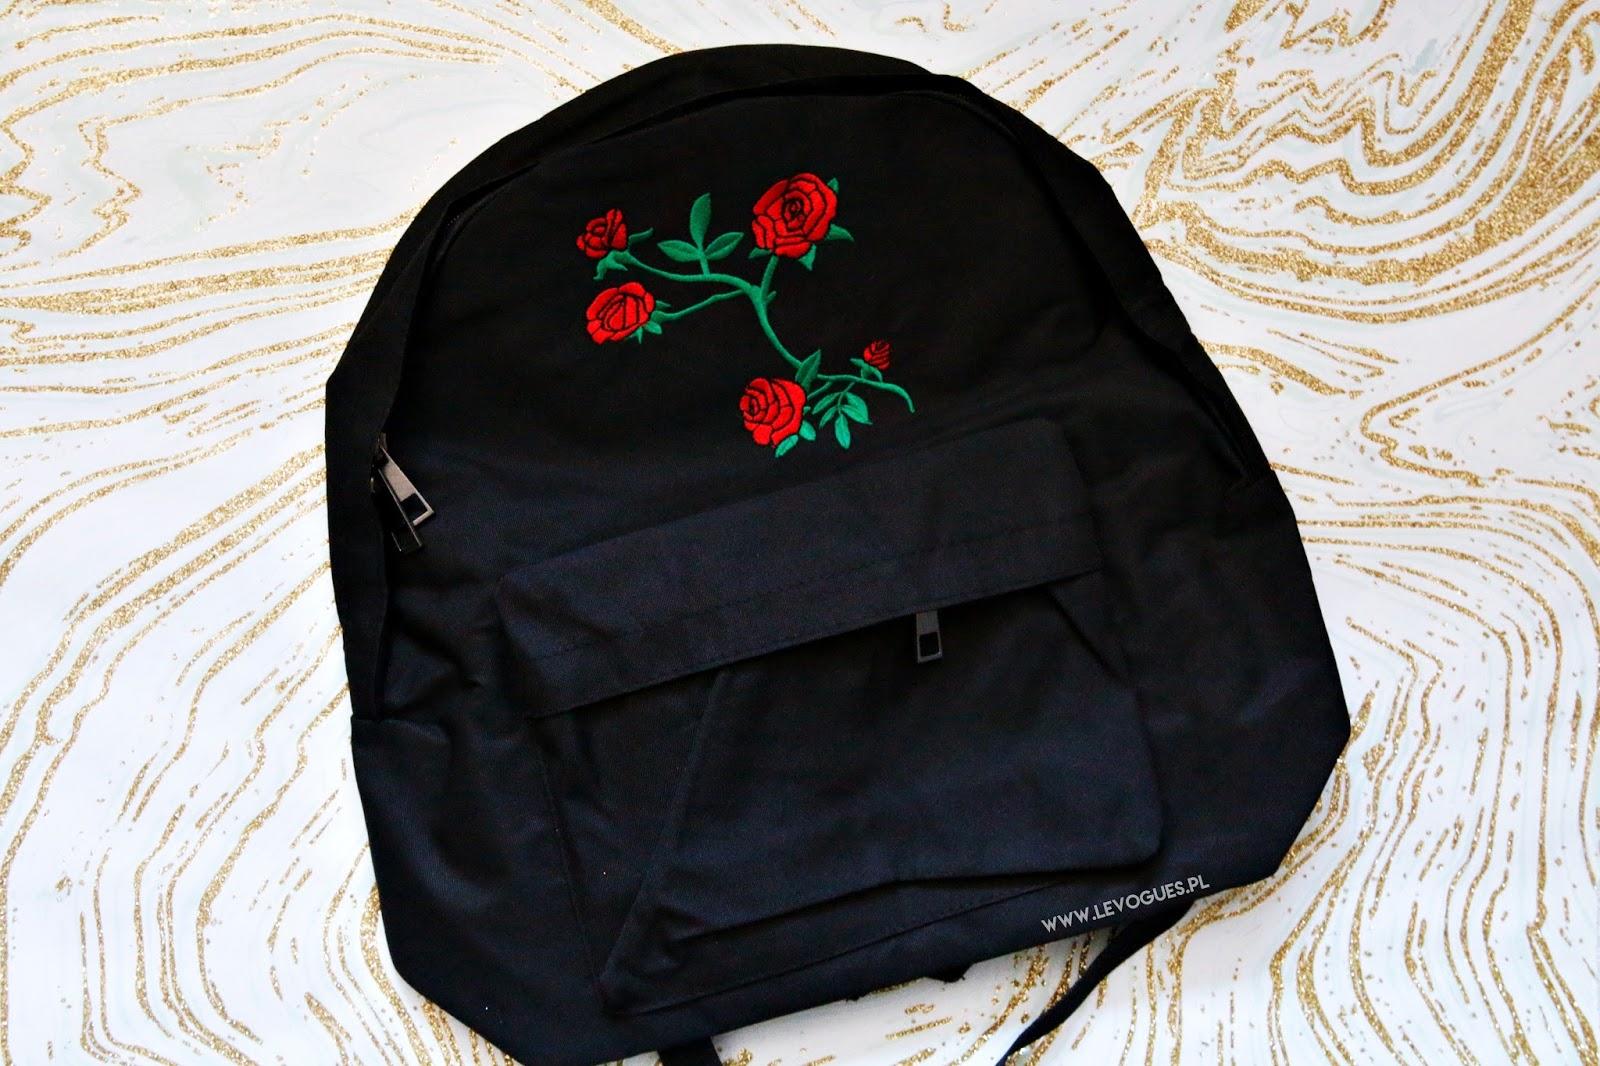 Sammydress rosegal zamówienie recenzja ubrania